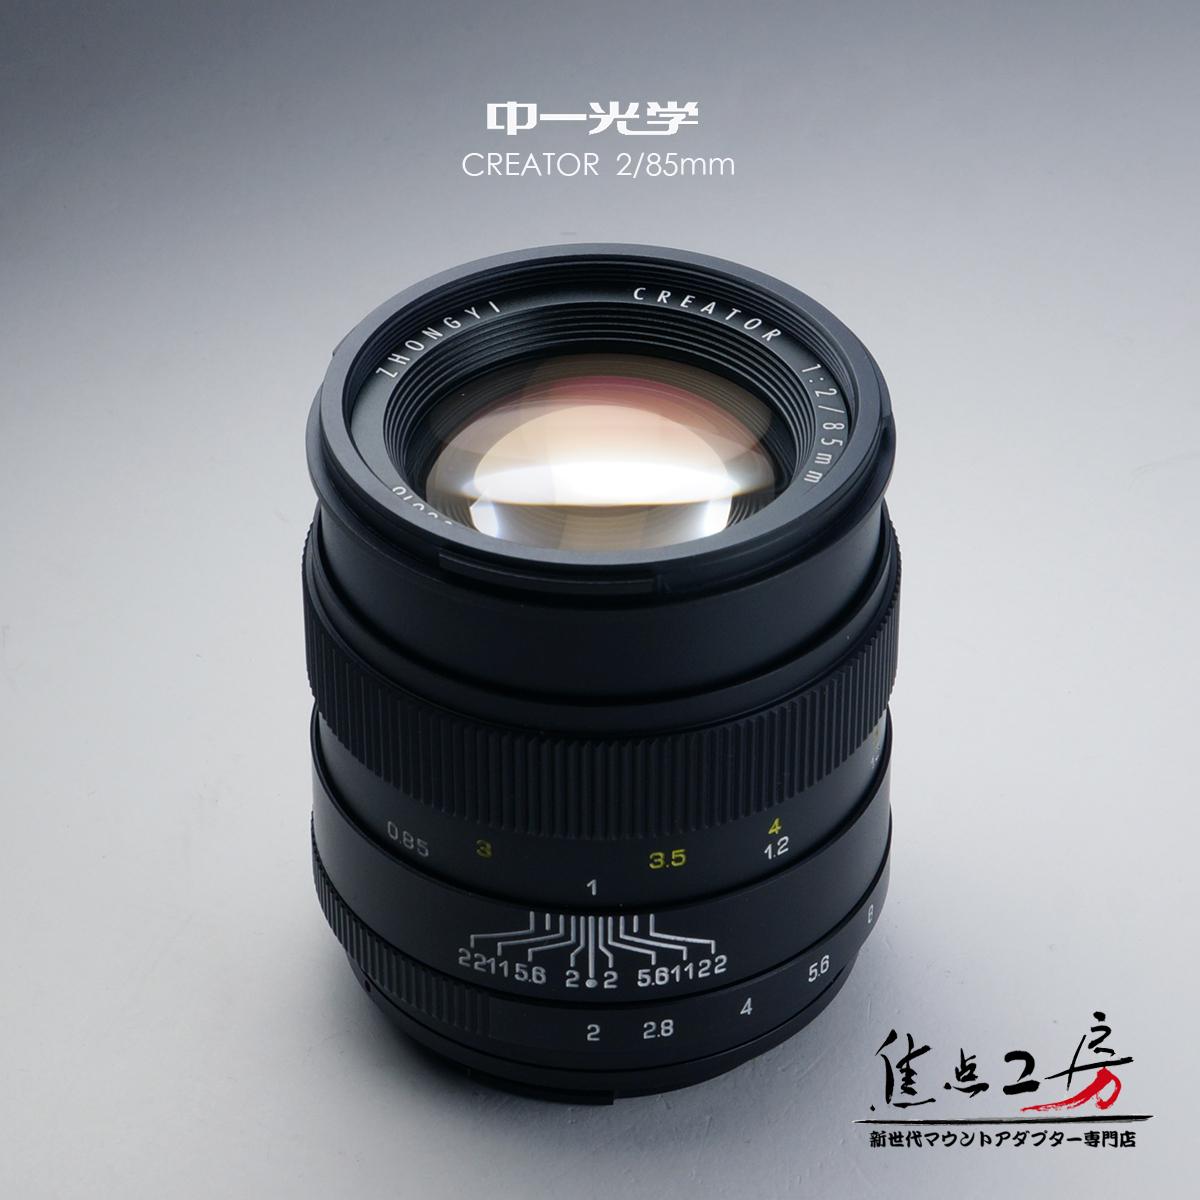 中一光学│ZHONG YI OPTICS CREATOR 85mm F2.0 - ニコンFマウント 単焦点レンズ